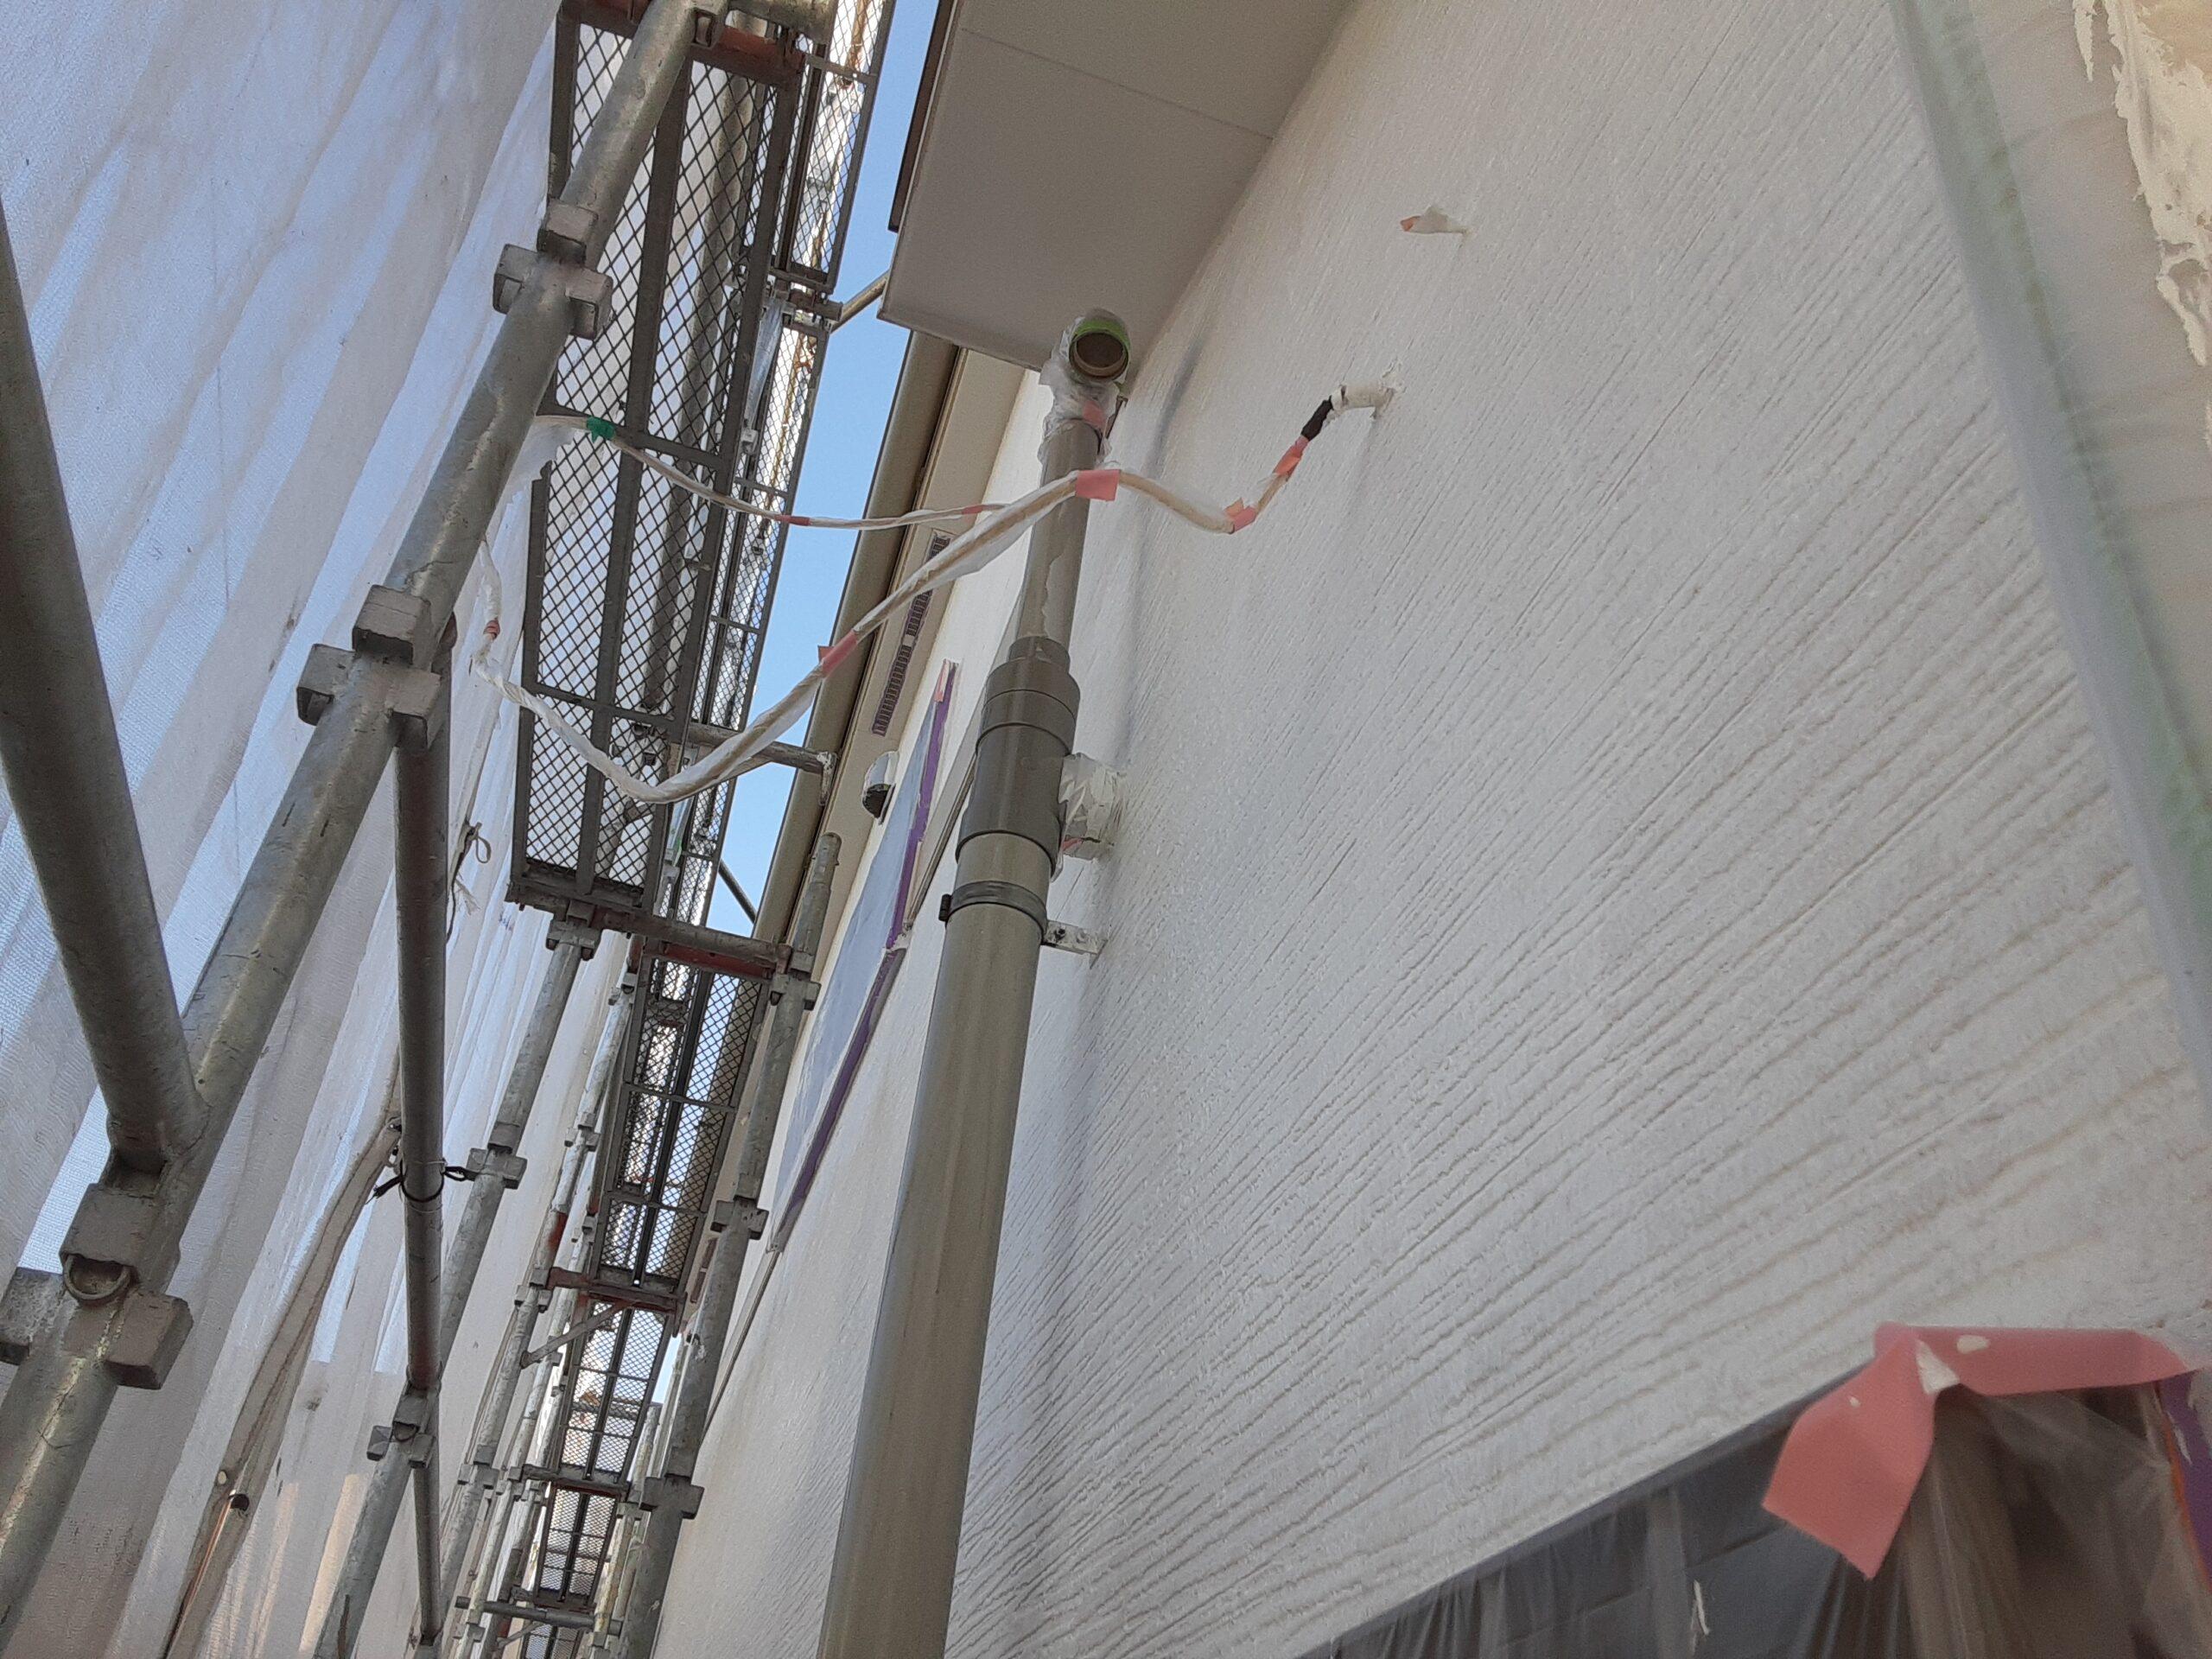 埼玉県さいたま市岩槻区のK様邸(木造2階建て)にて塗り替えリホーム中 外壁の仕上げ塗装/